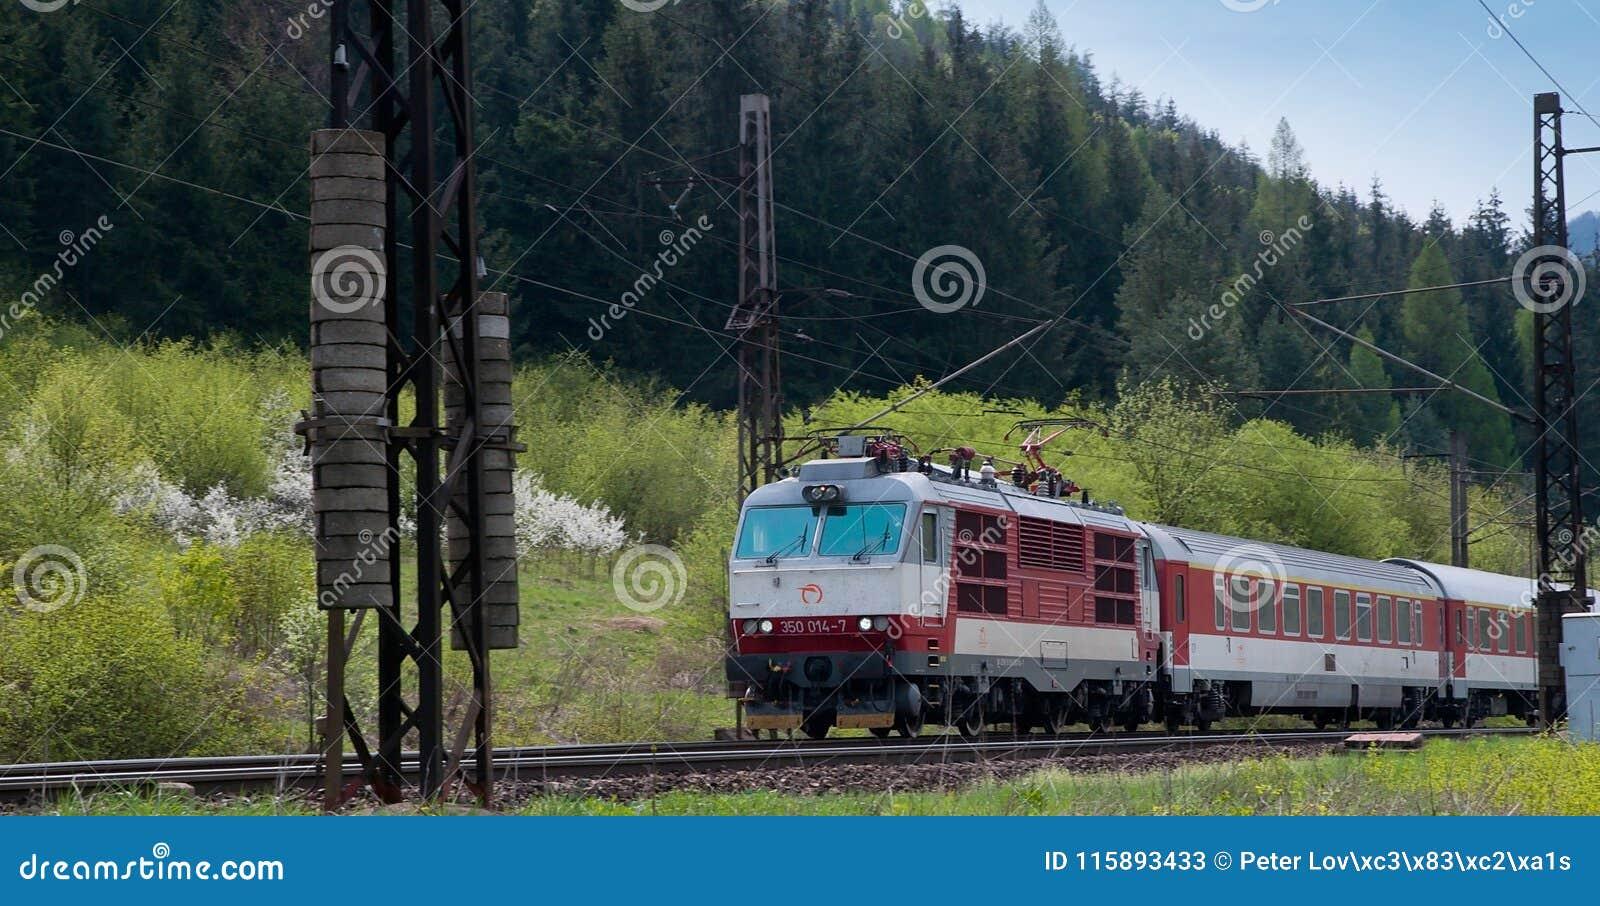 Slovakiska järnvägar för elektrisk lokomotiv 350014-7-